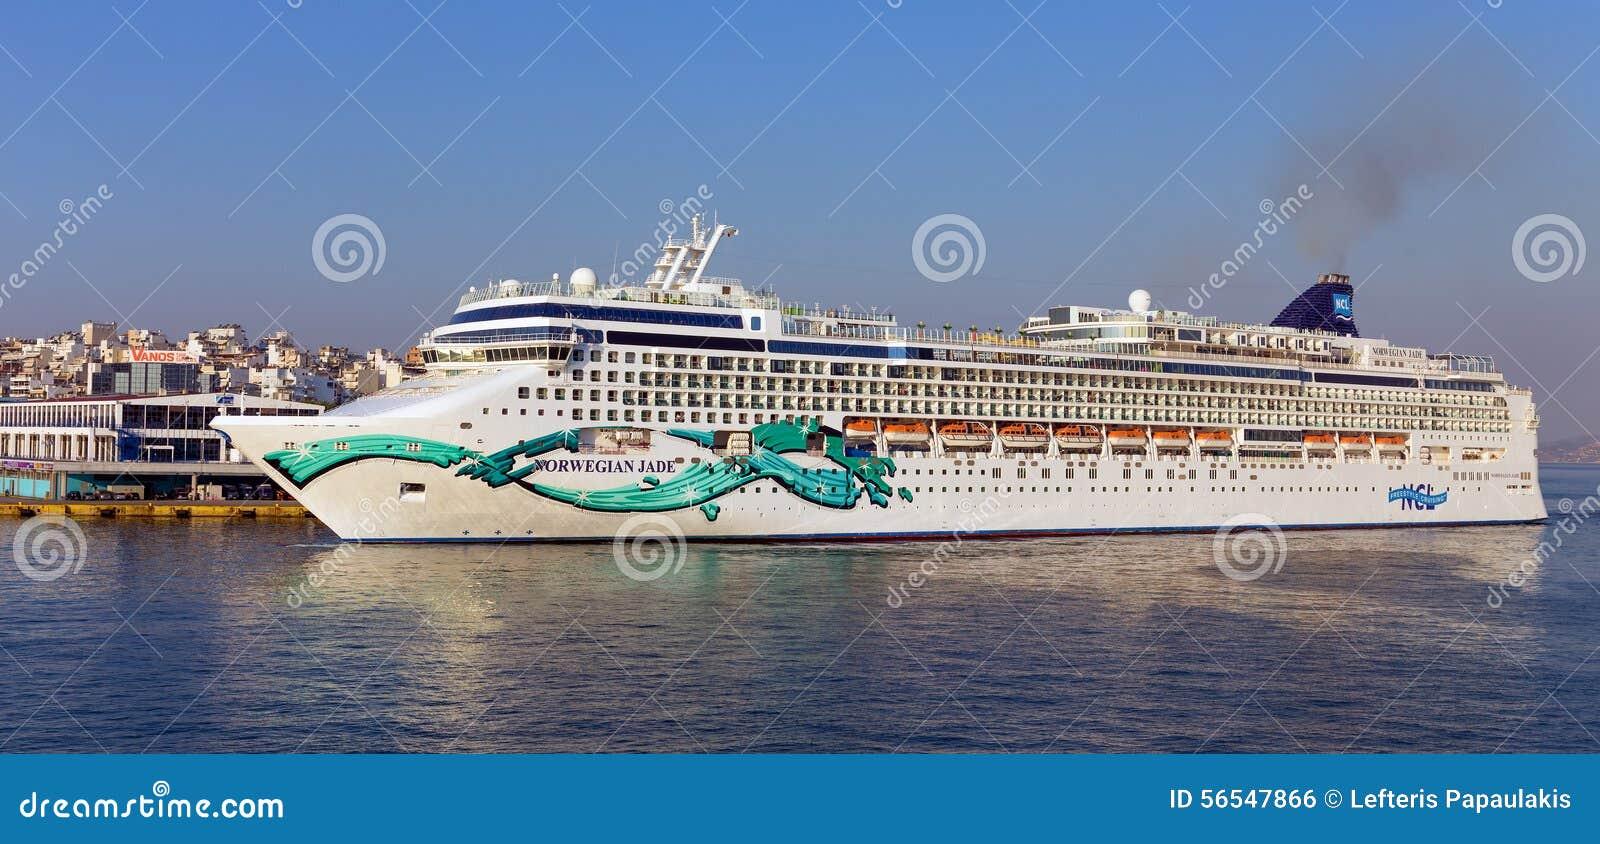 Cruise ship Norwegian Jade